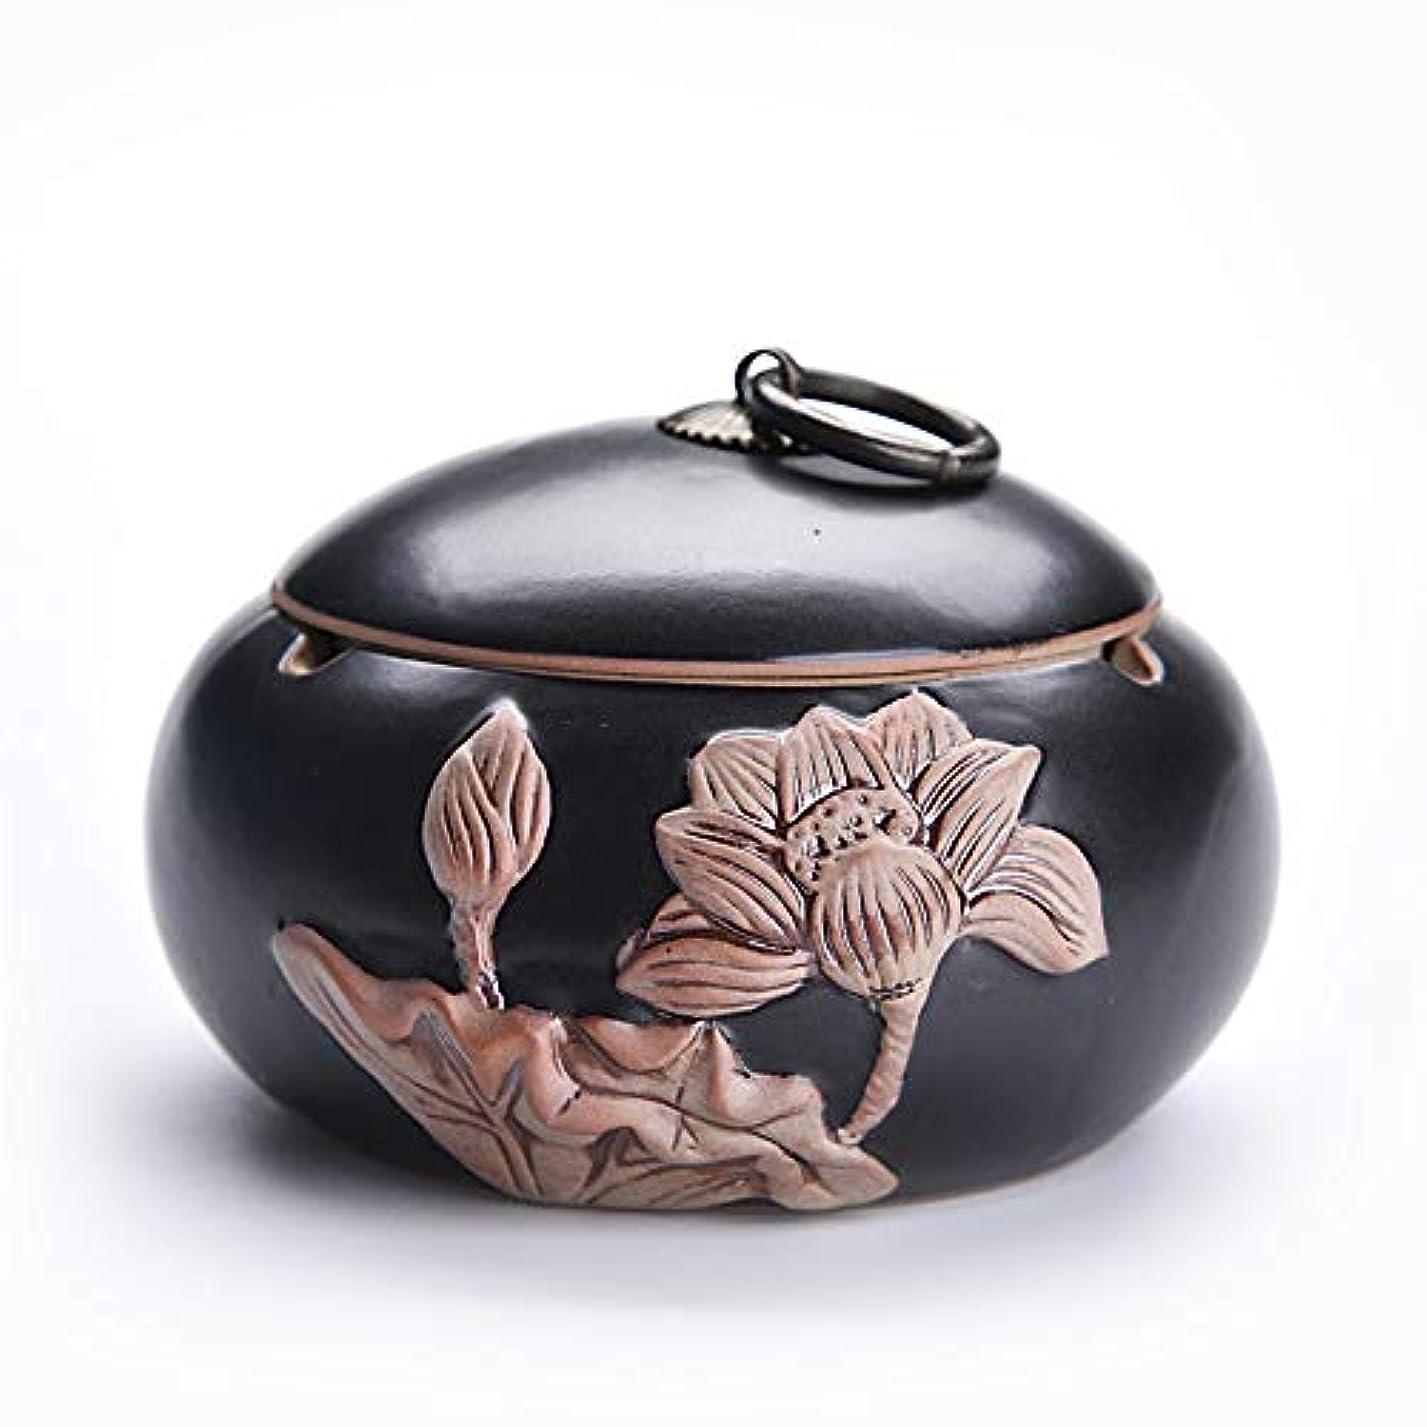 スポークスマン心からトランクライブラリ中国のレトロな創造的な鍋形セラミック灰皿ふた付き